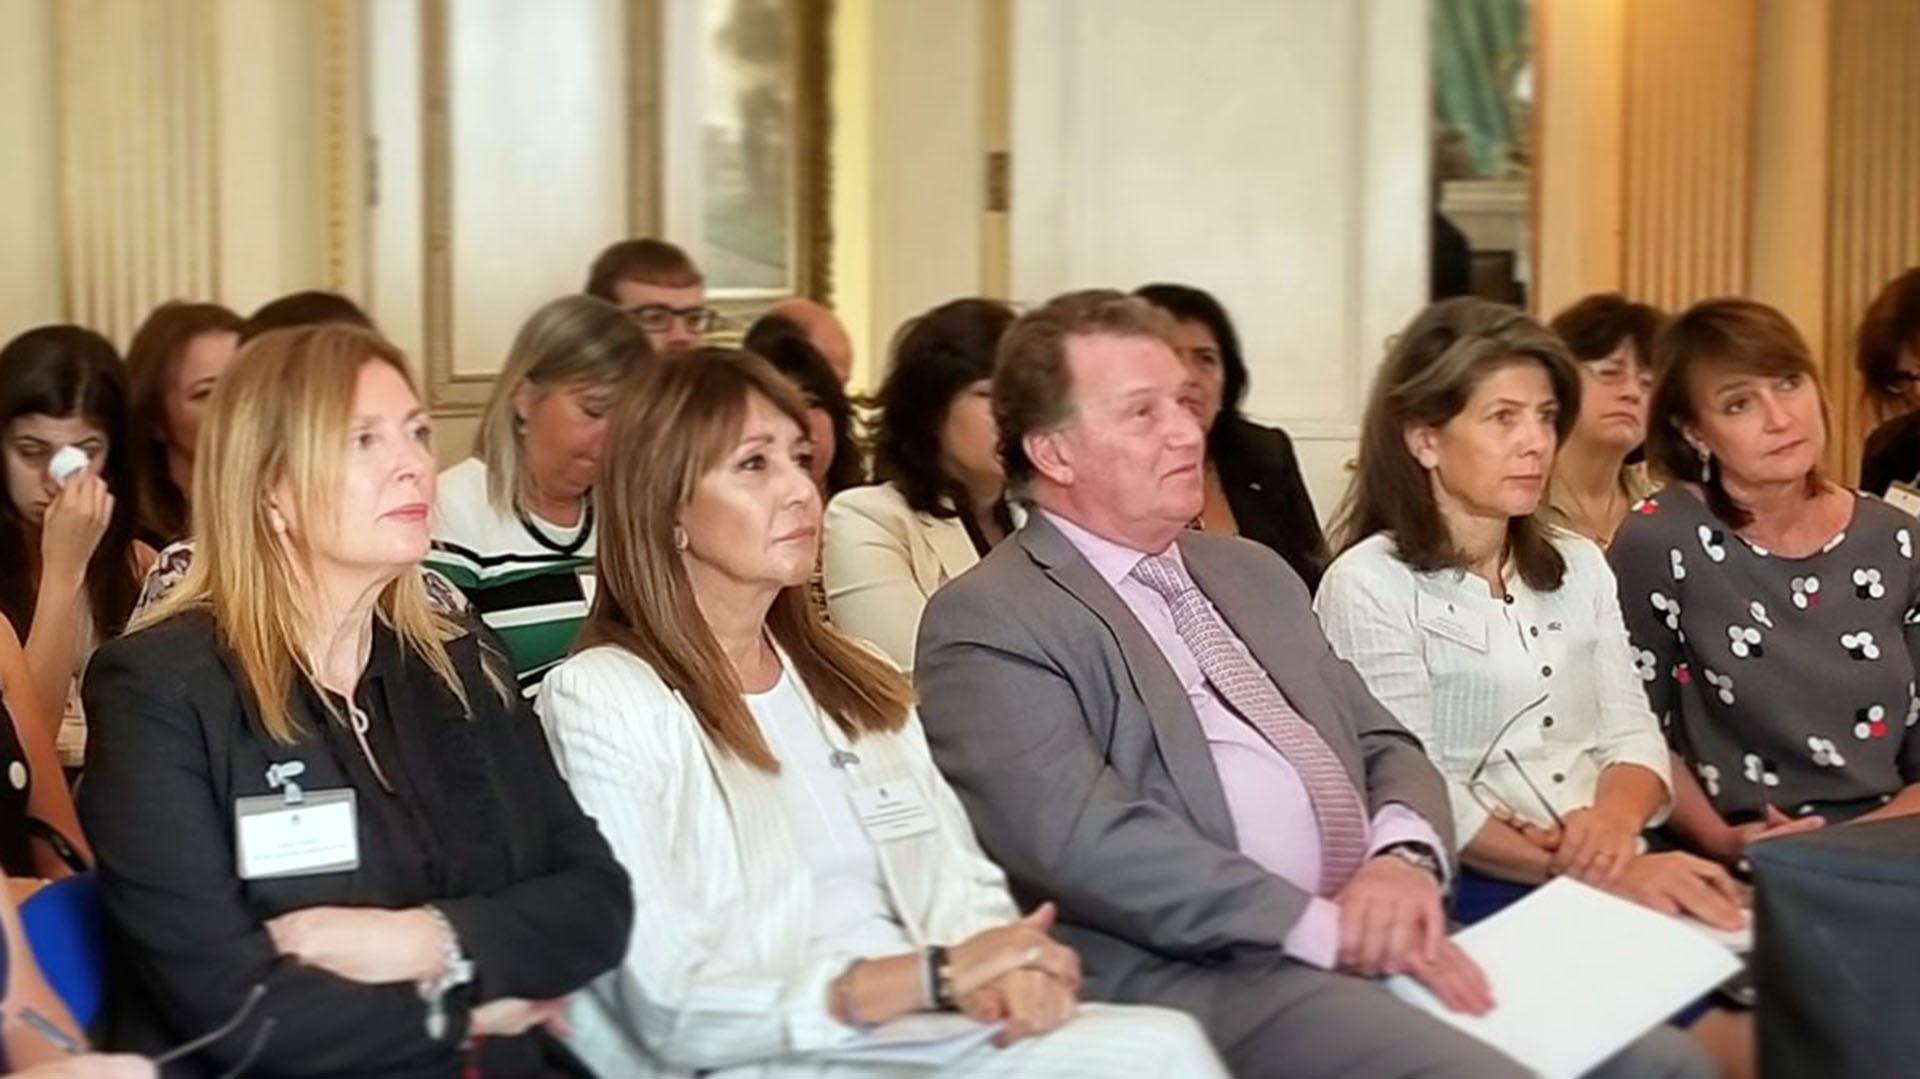 Fabiana Ricagno, directora de Comunicaciones del CICyP, junto al embajador Carlos Sersale y lacomitiva local que viajó al Reino Unido